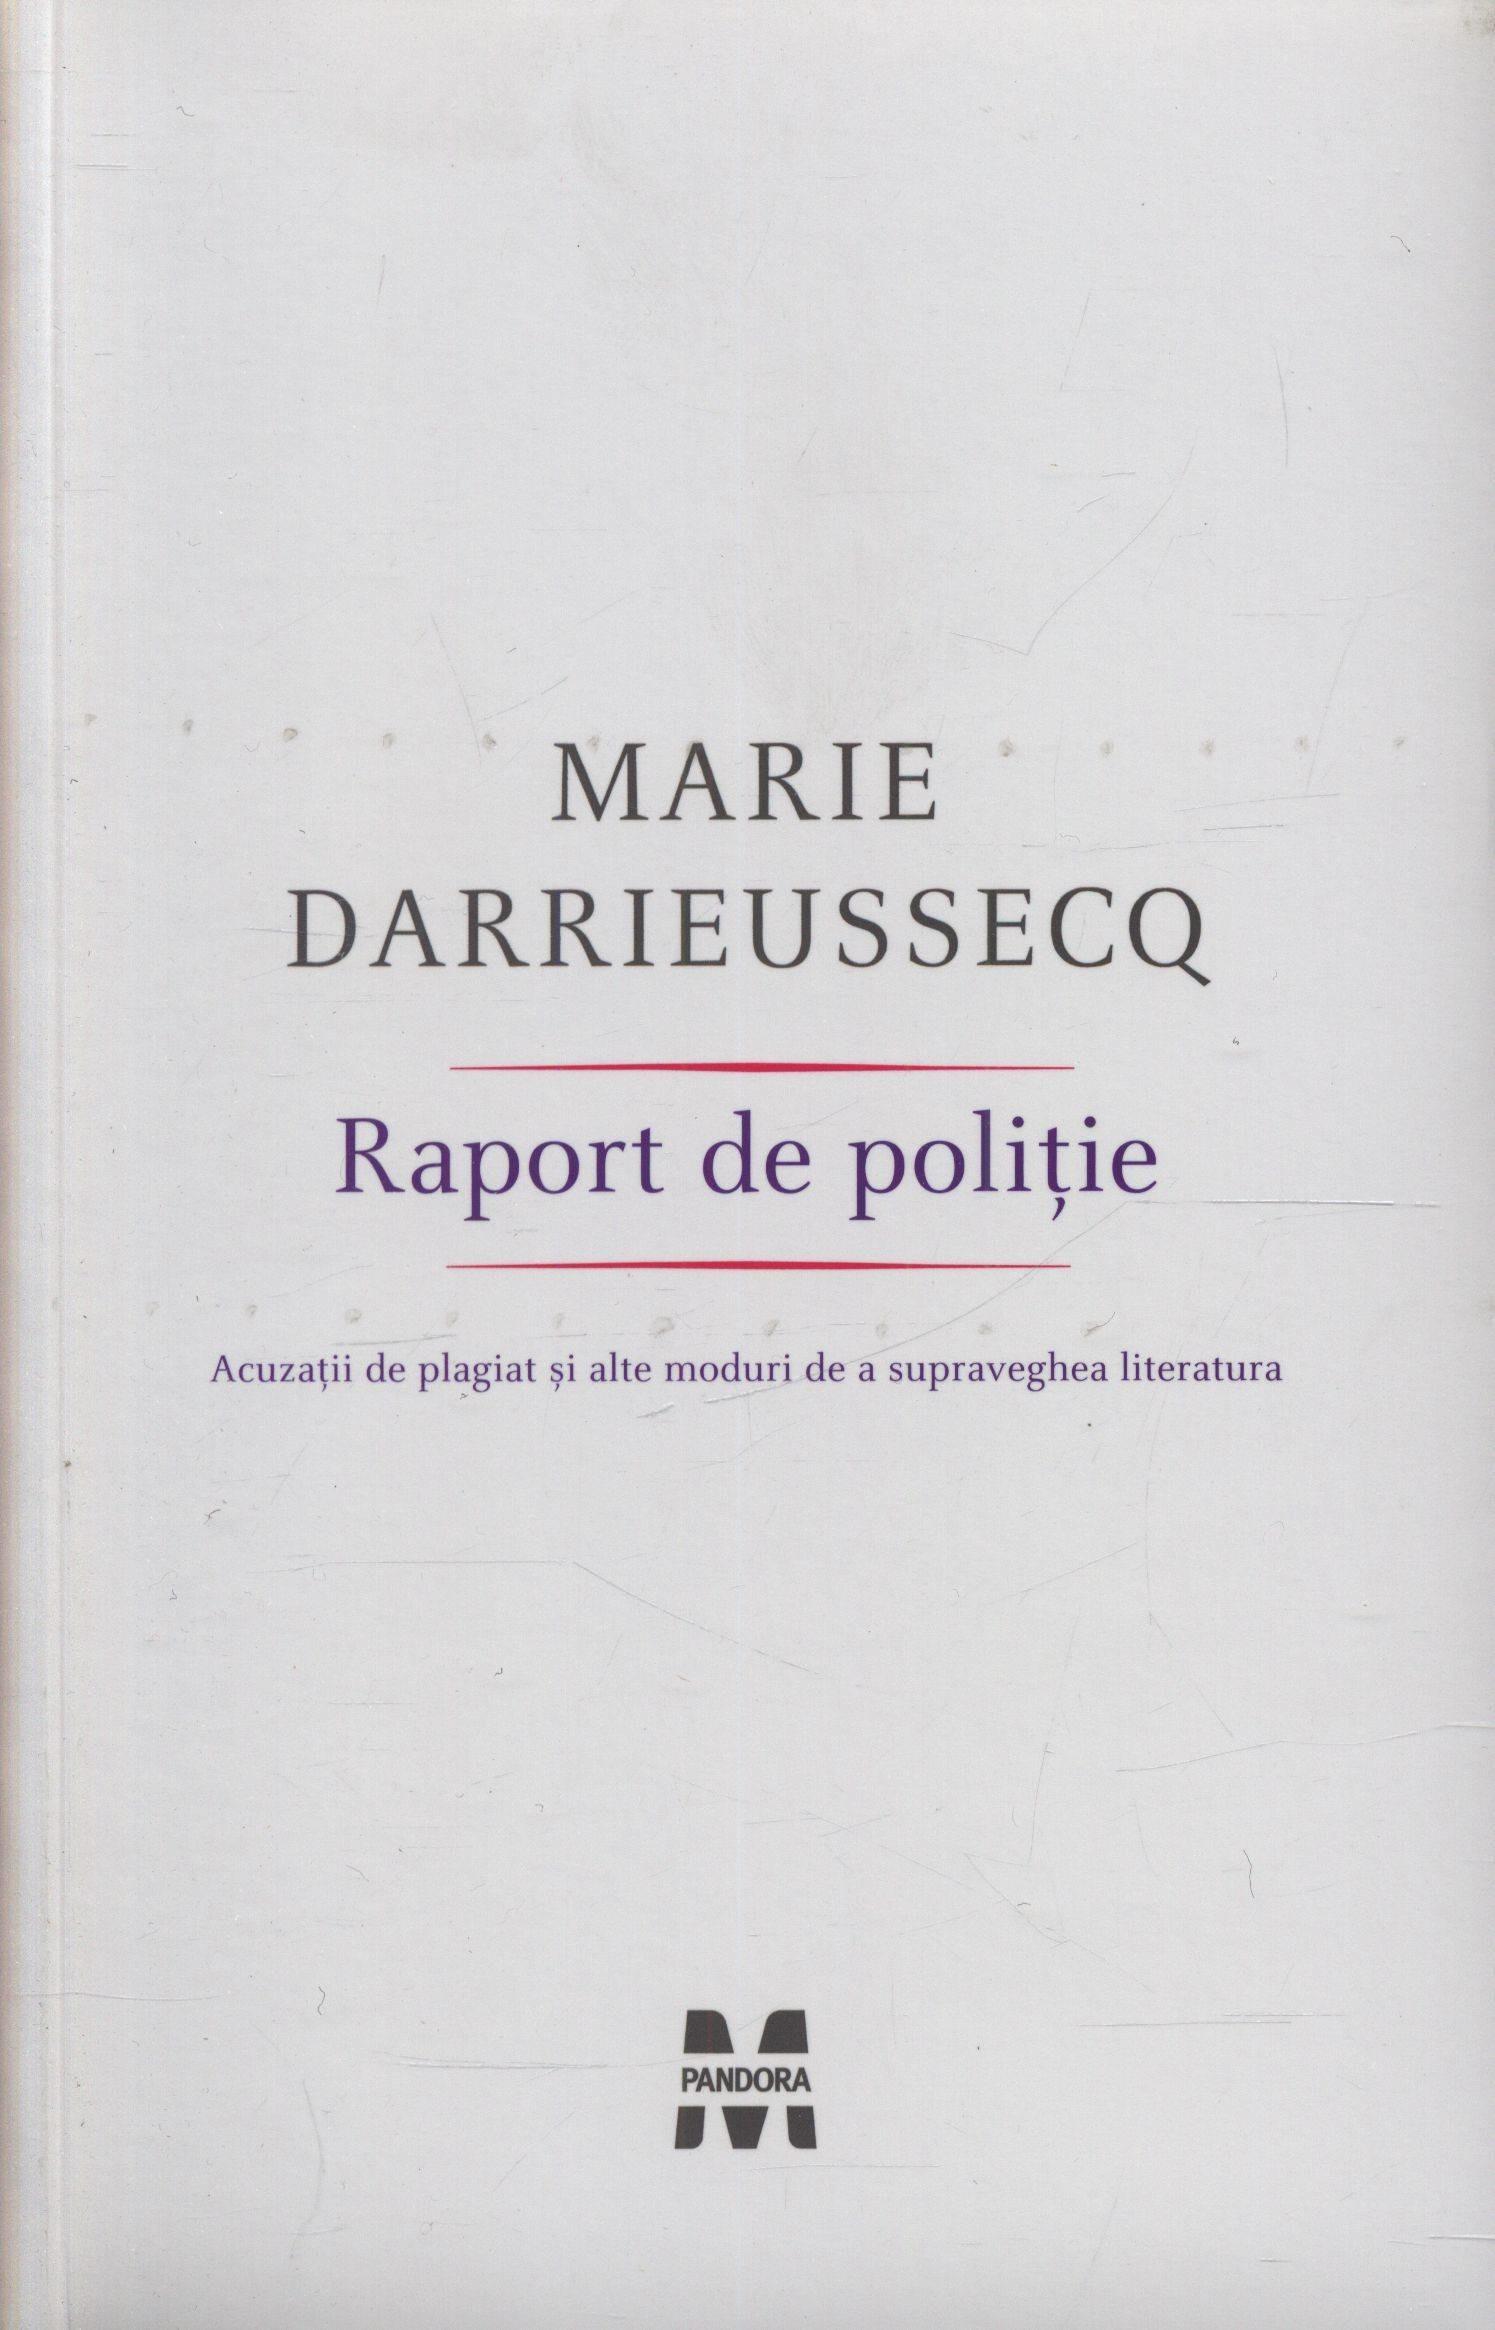 Marie Darrieussecq - Raport de politie. Acuzatii de plagiat si alte moduri de a supraveghea literatura -